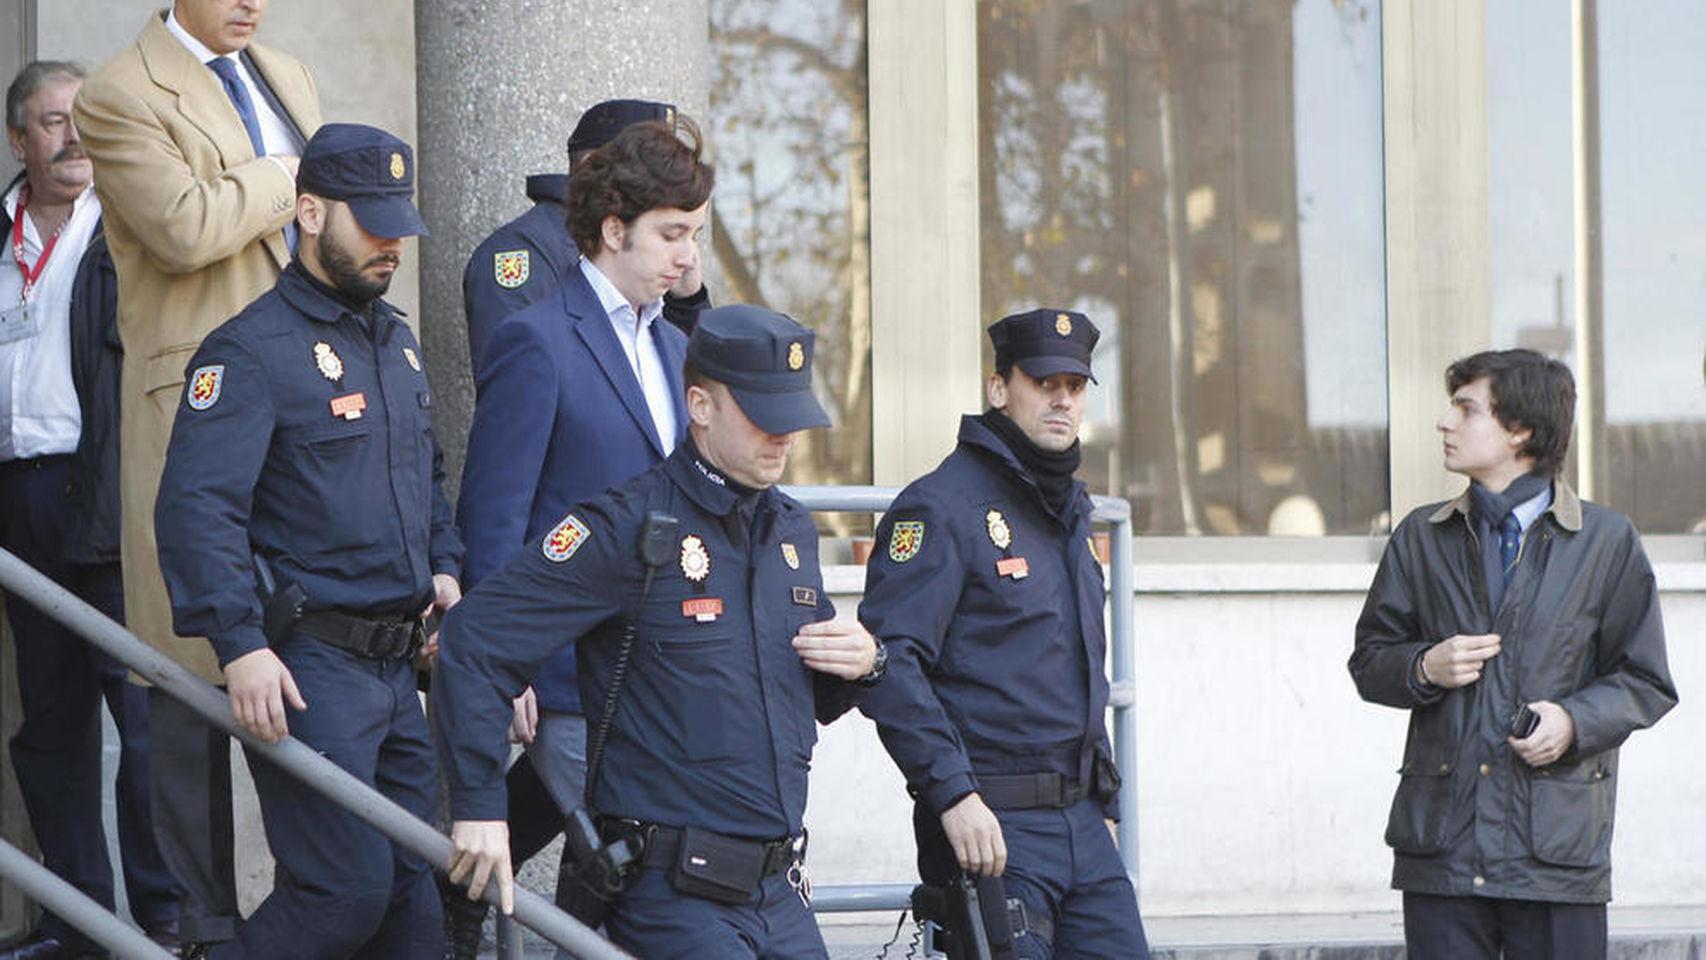 tribunales francisco nicolas pequeño nicolas cni investigacion policial espana